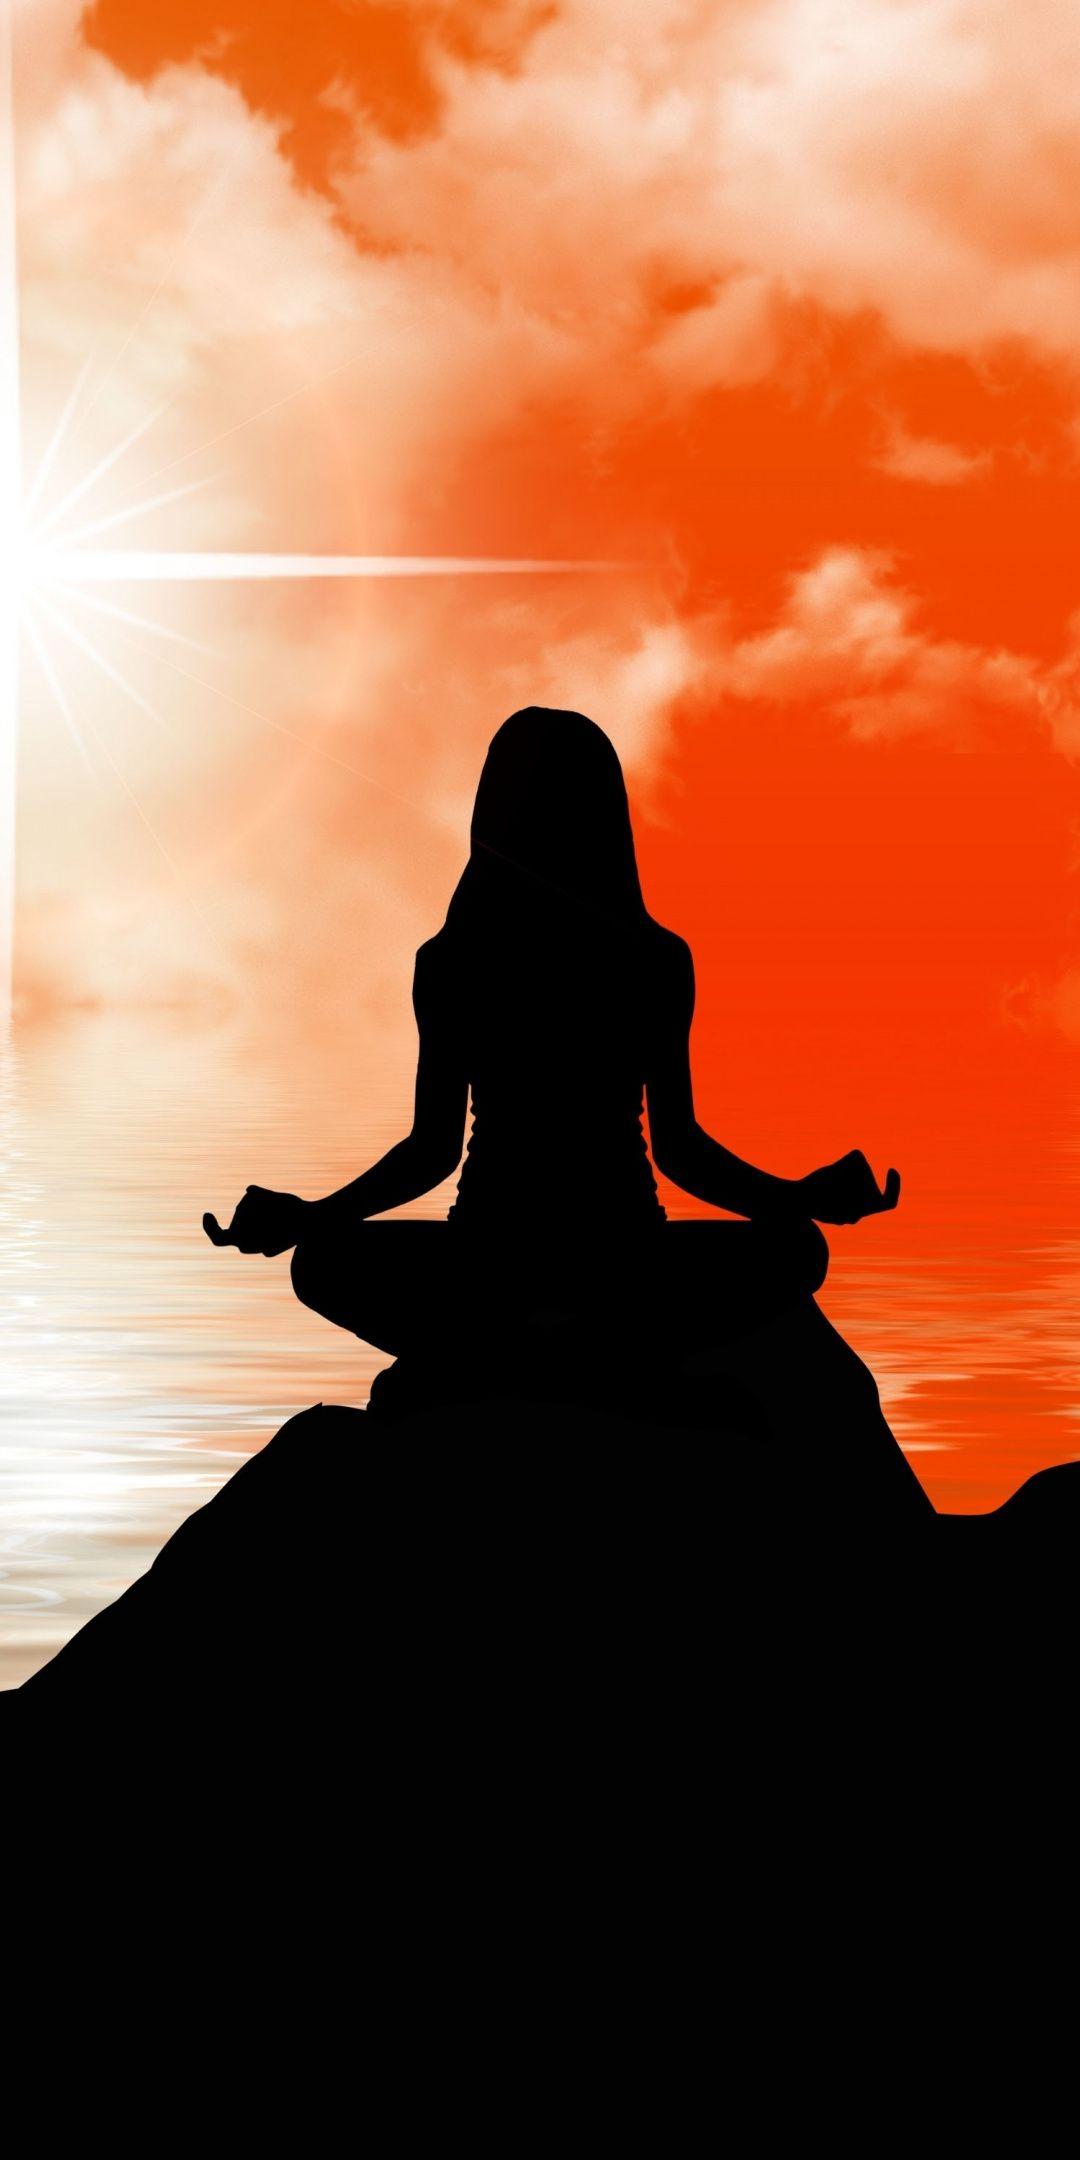 Girl Meditation Silhouette Art 1080x2160 Wallpaper Meditation Art Silhouette Painting Yoga Art